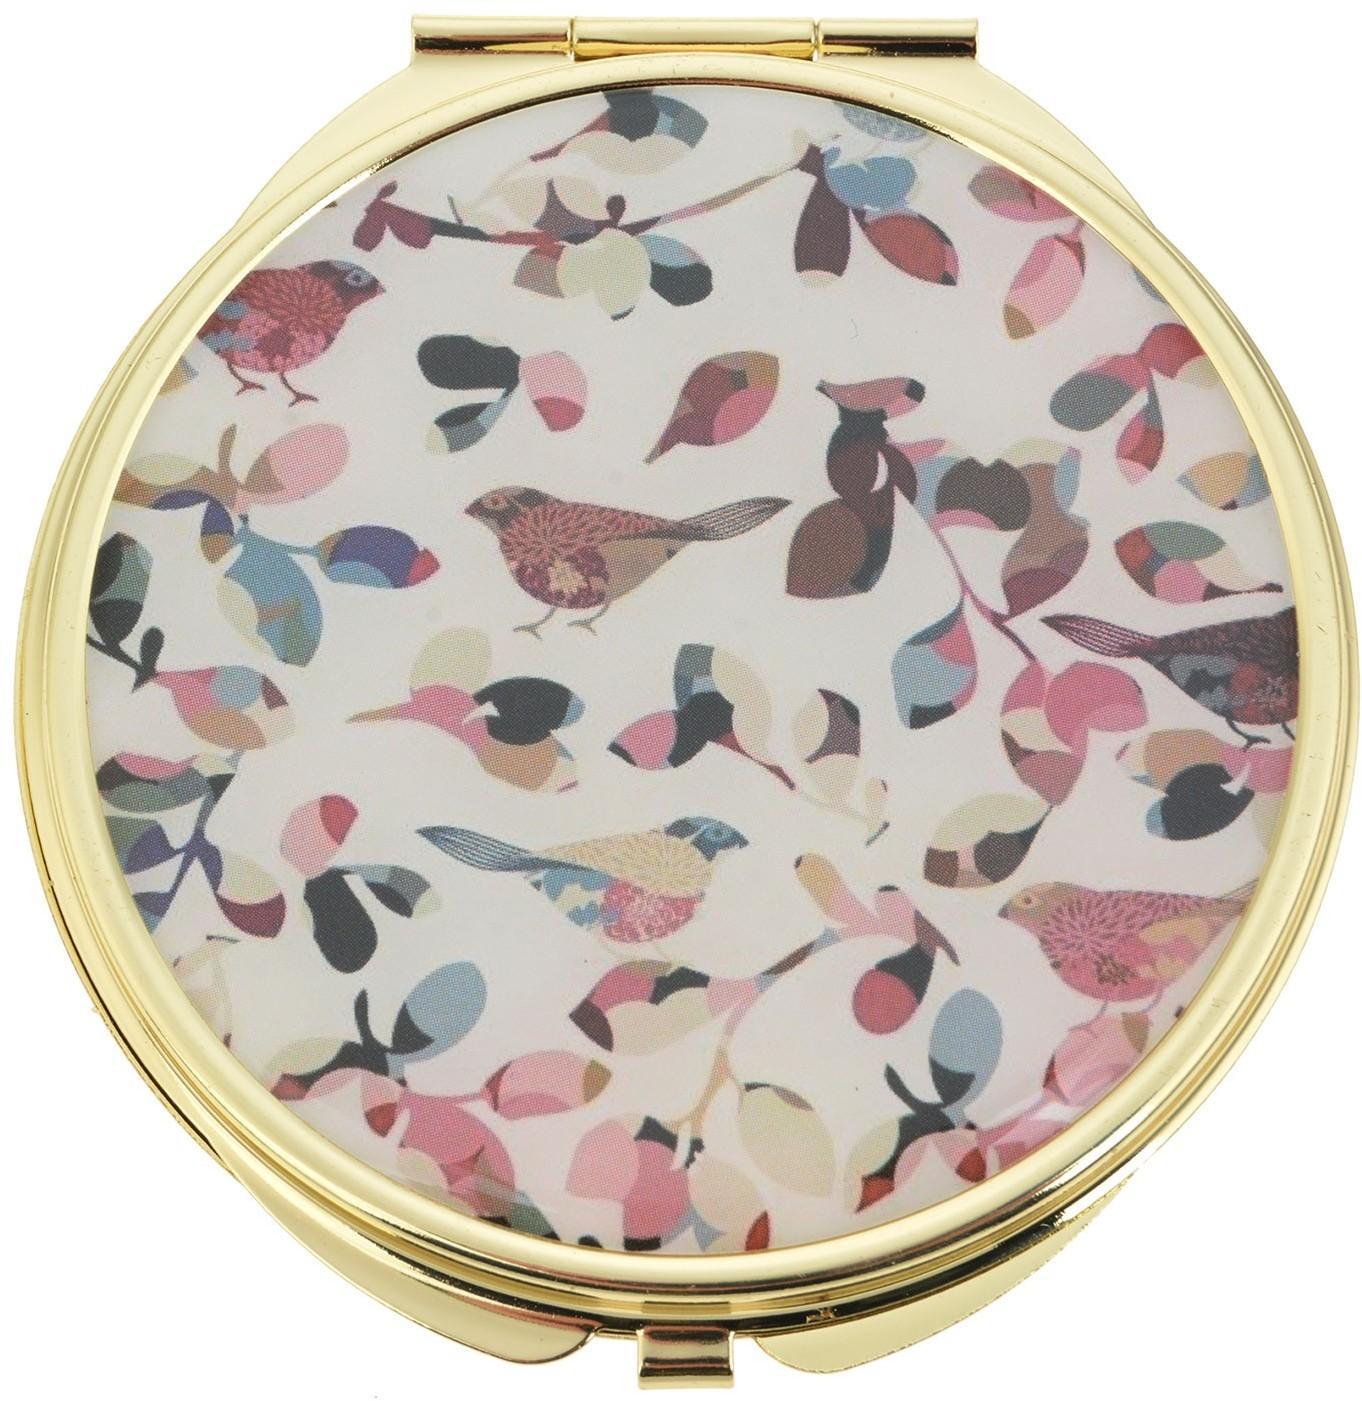 Zlaté príručný zrkadlo s vtáčikmi a listy - Ø 6 cm